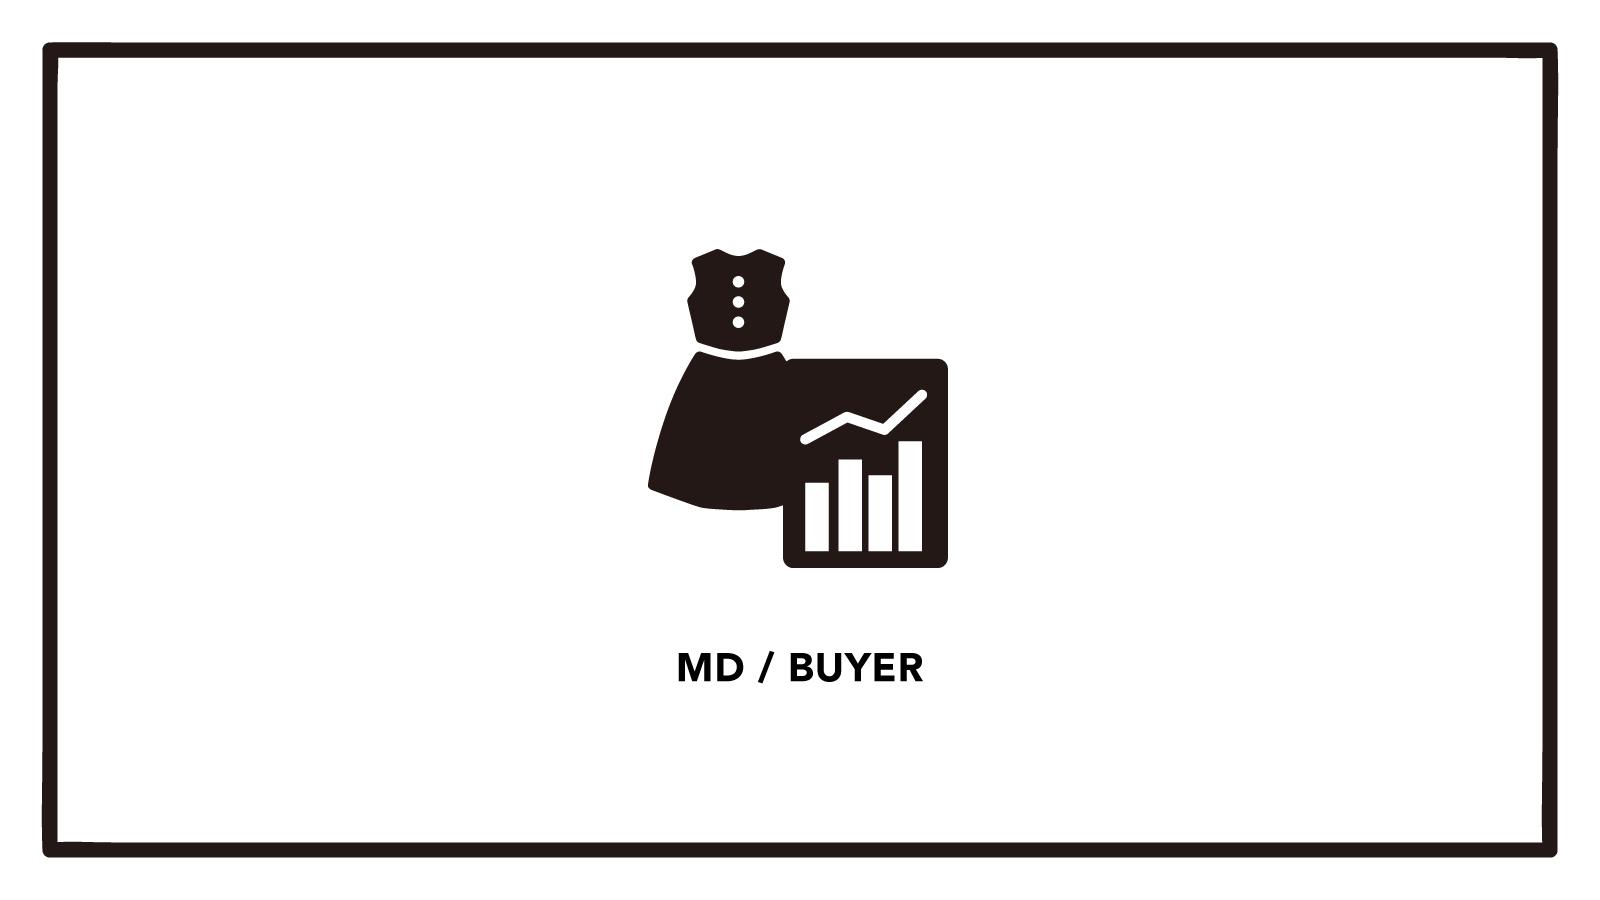 【ECサイトMD】大手企業での募集 経験者募集のカバー写真